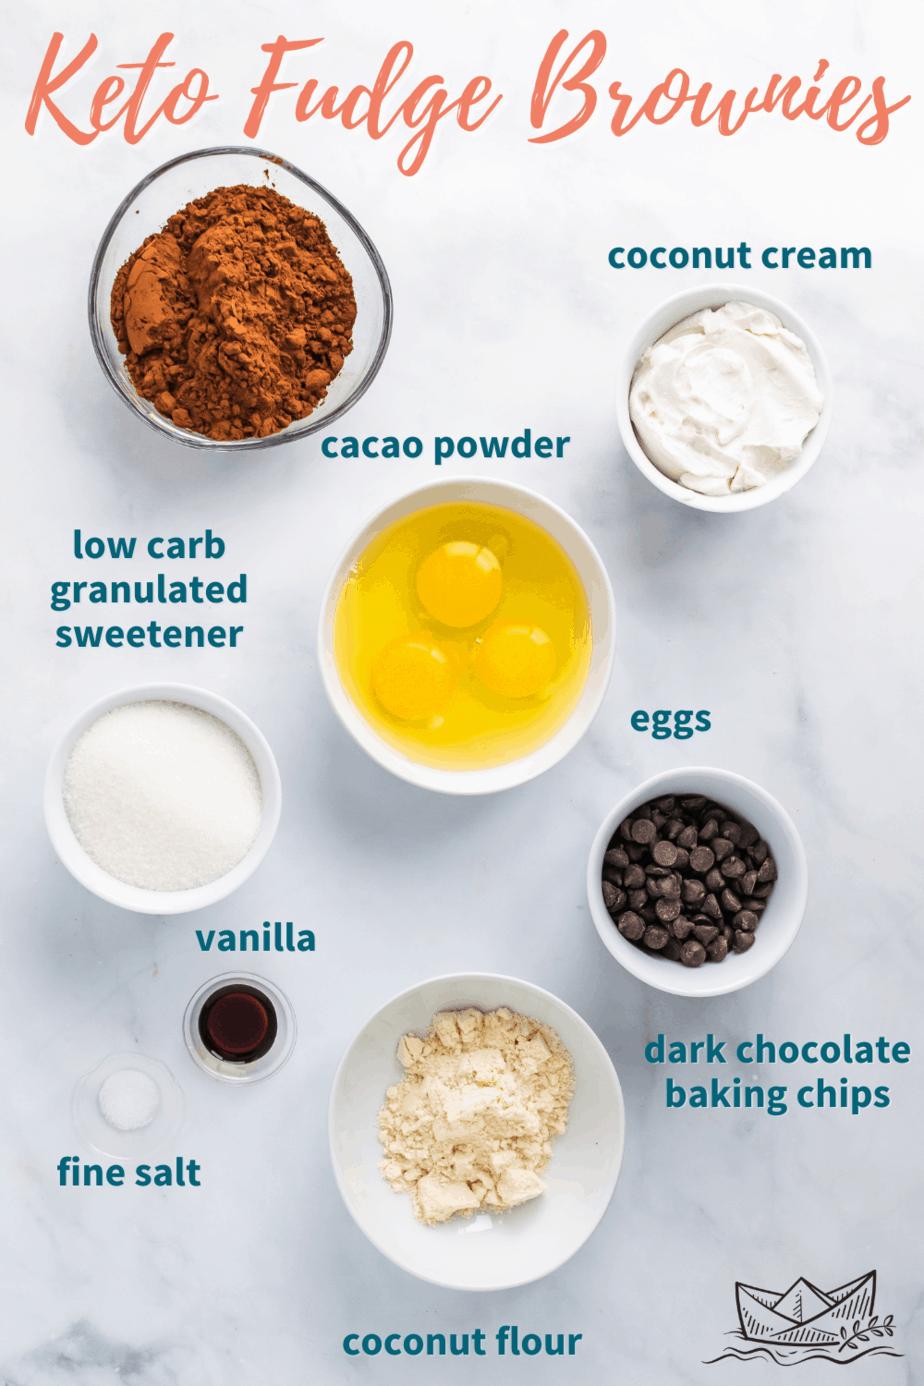 Ingredients for Keto Fudge Brownies.